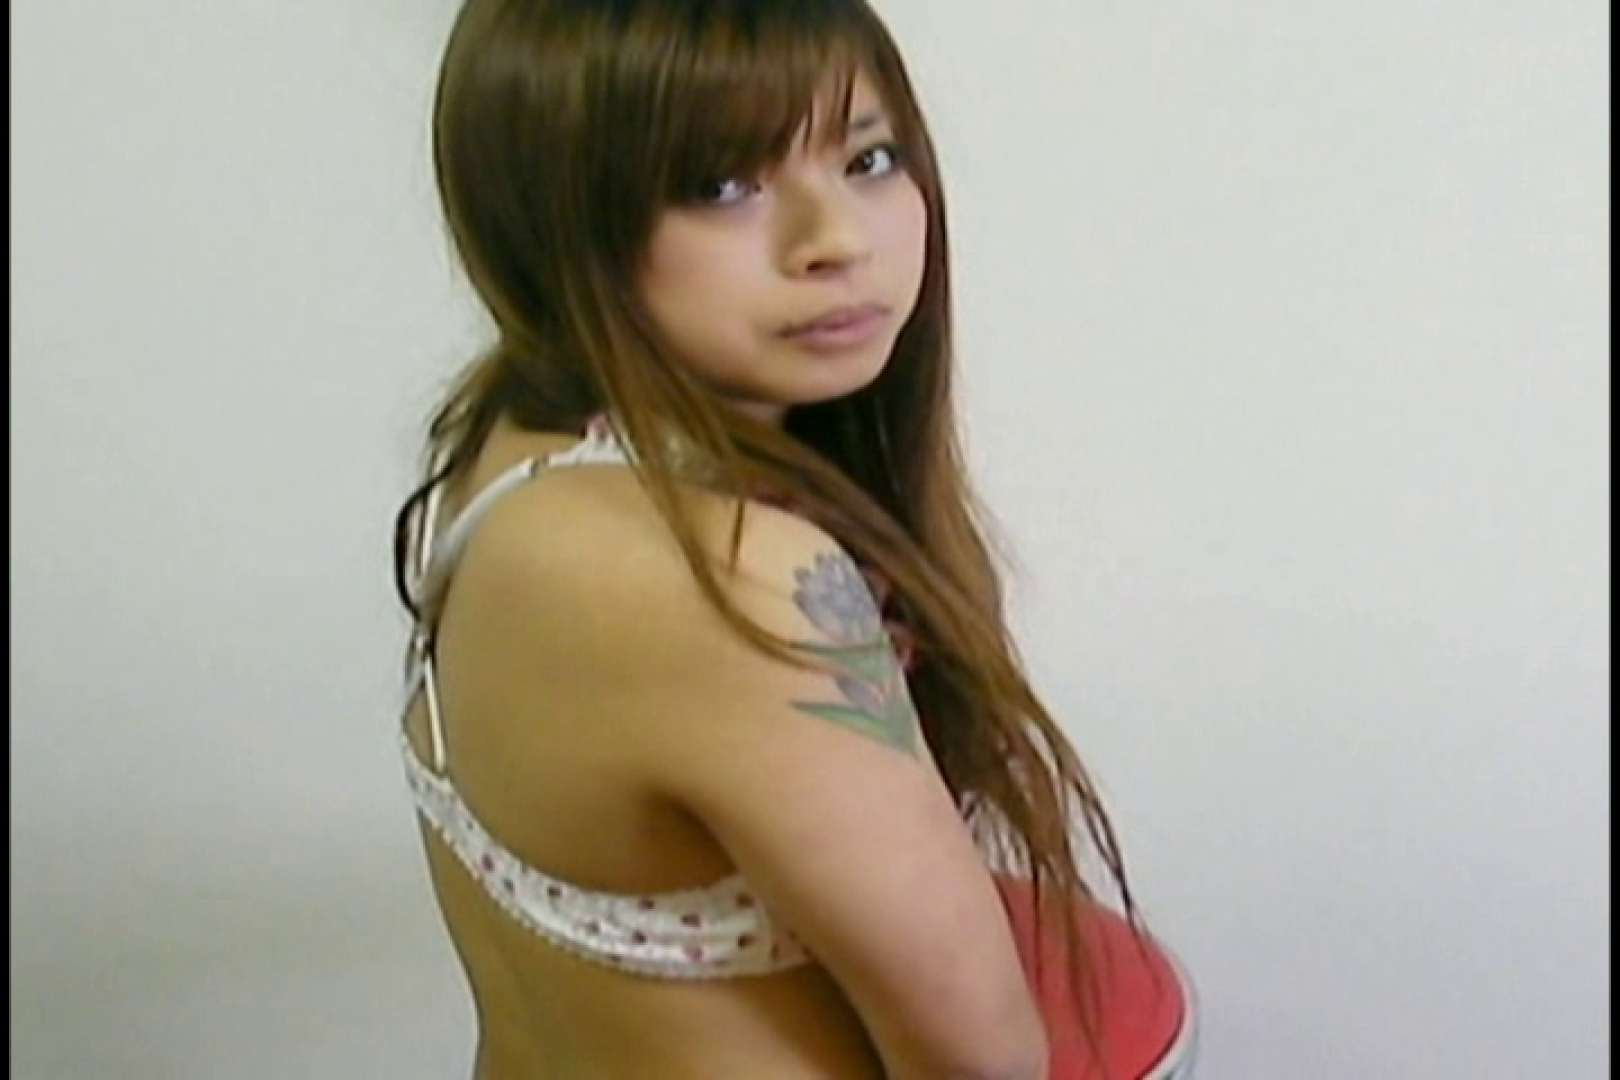 素人撮影 下着だけの撮影のはずが・・・ よしこ23歳 女子着替え | 素人  85pic 24